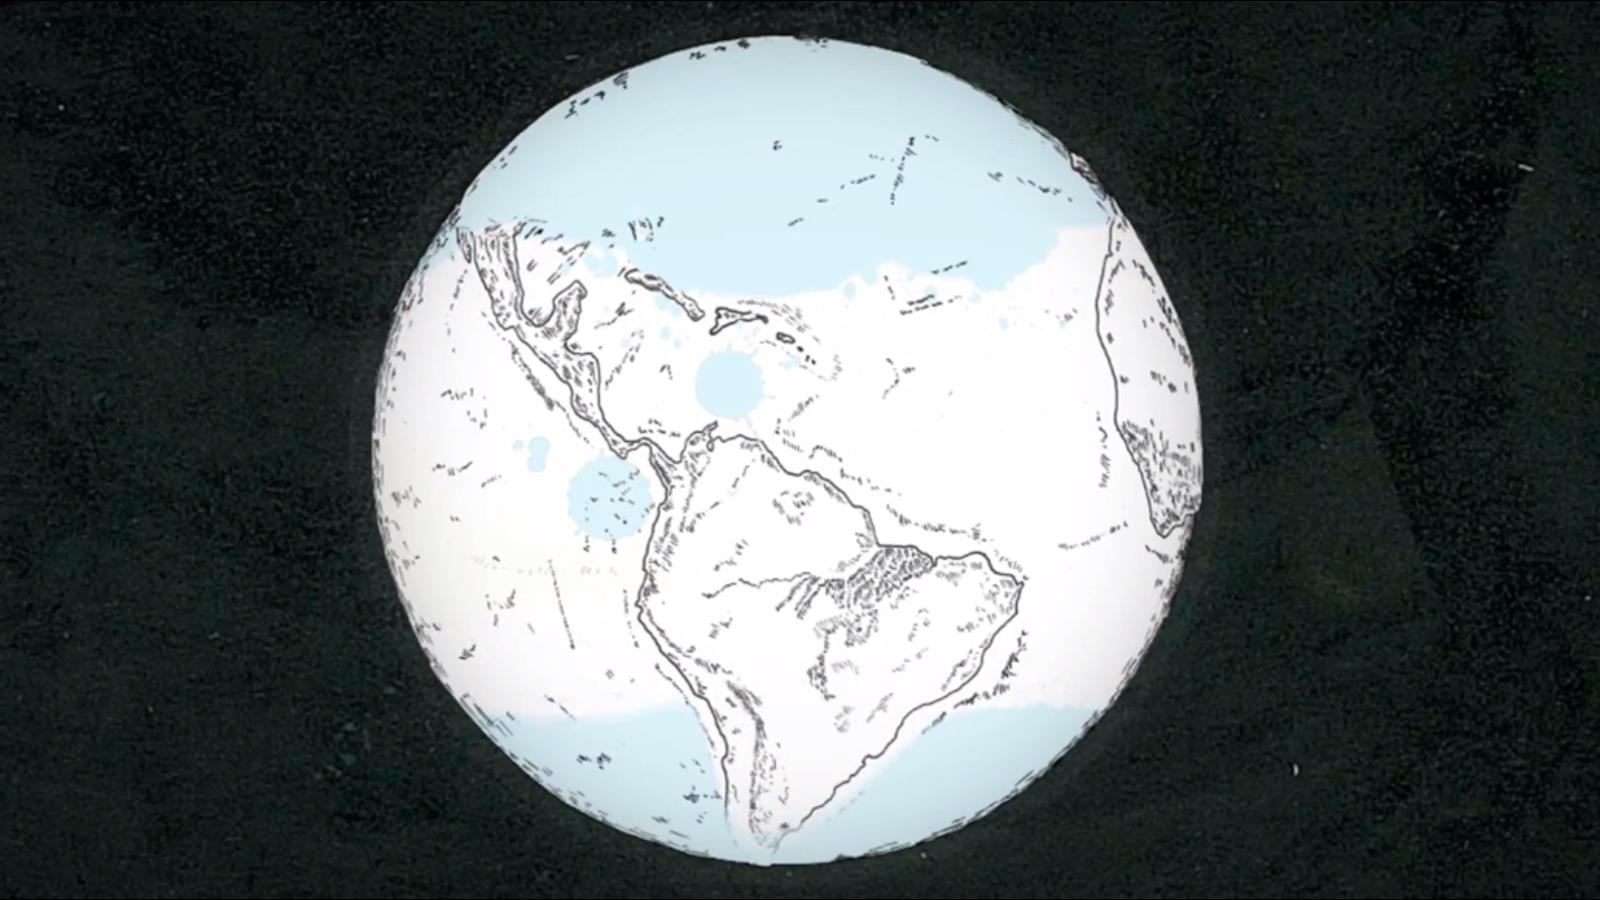 ¿Qué pasaría si la Tierra dejara de girar de repente?